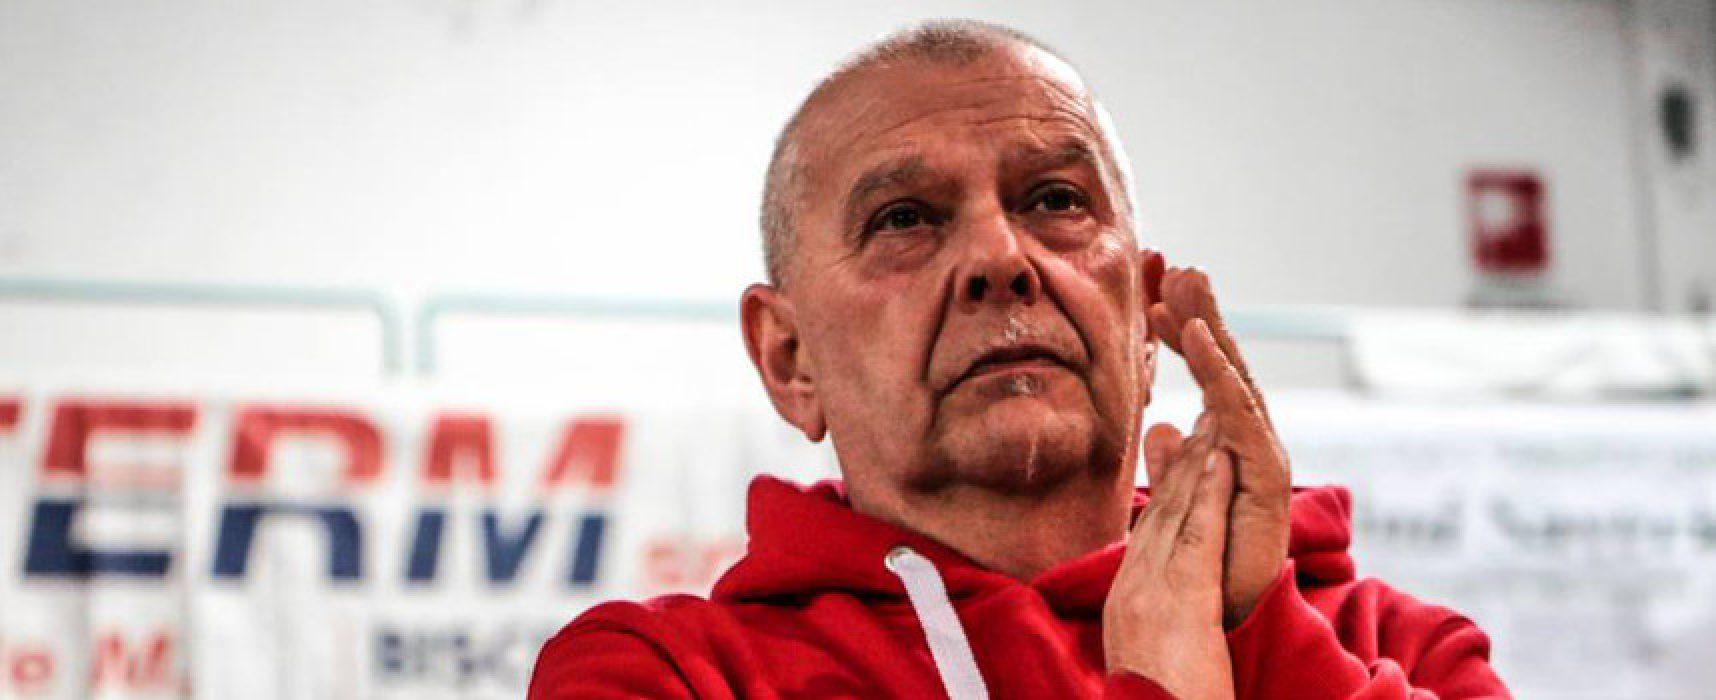 Basket, DI Pinto Panifici contro Senigallia in cerca del primo successo casalingo